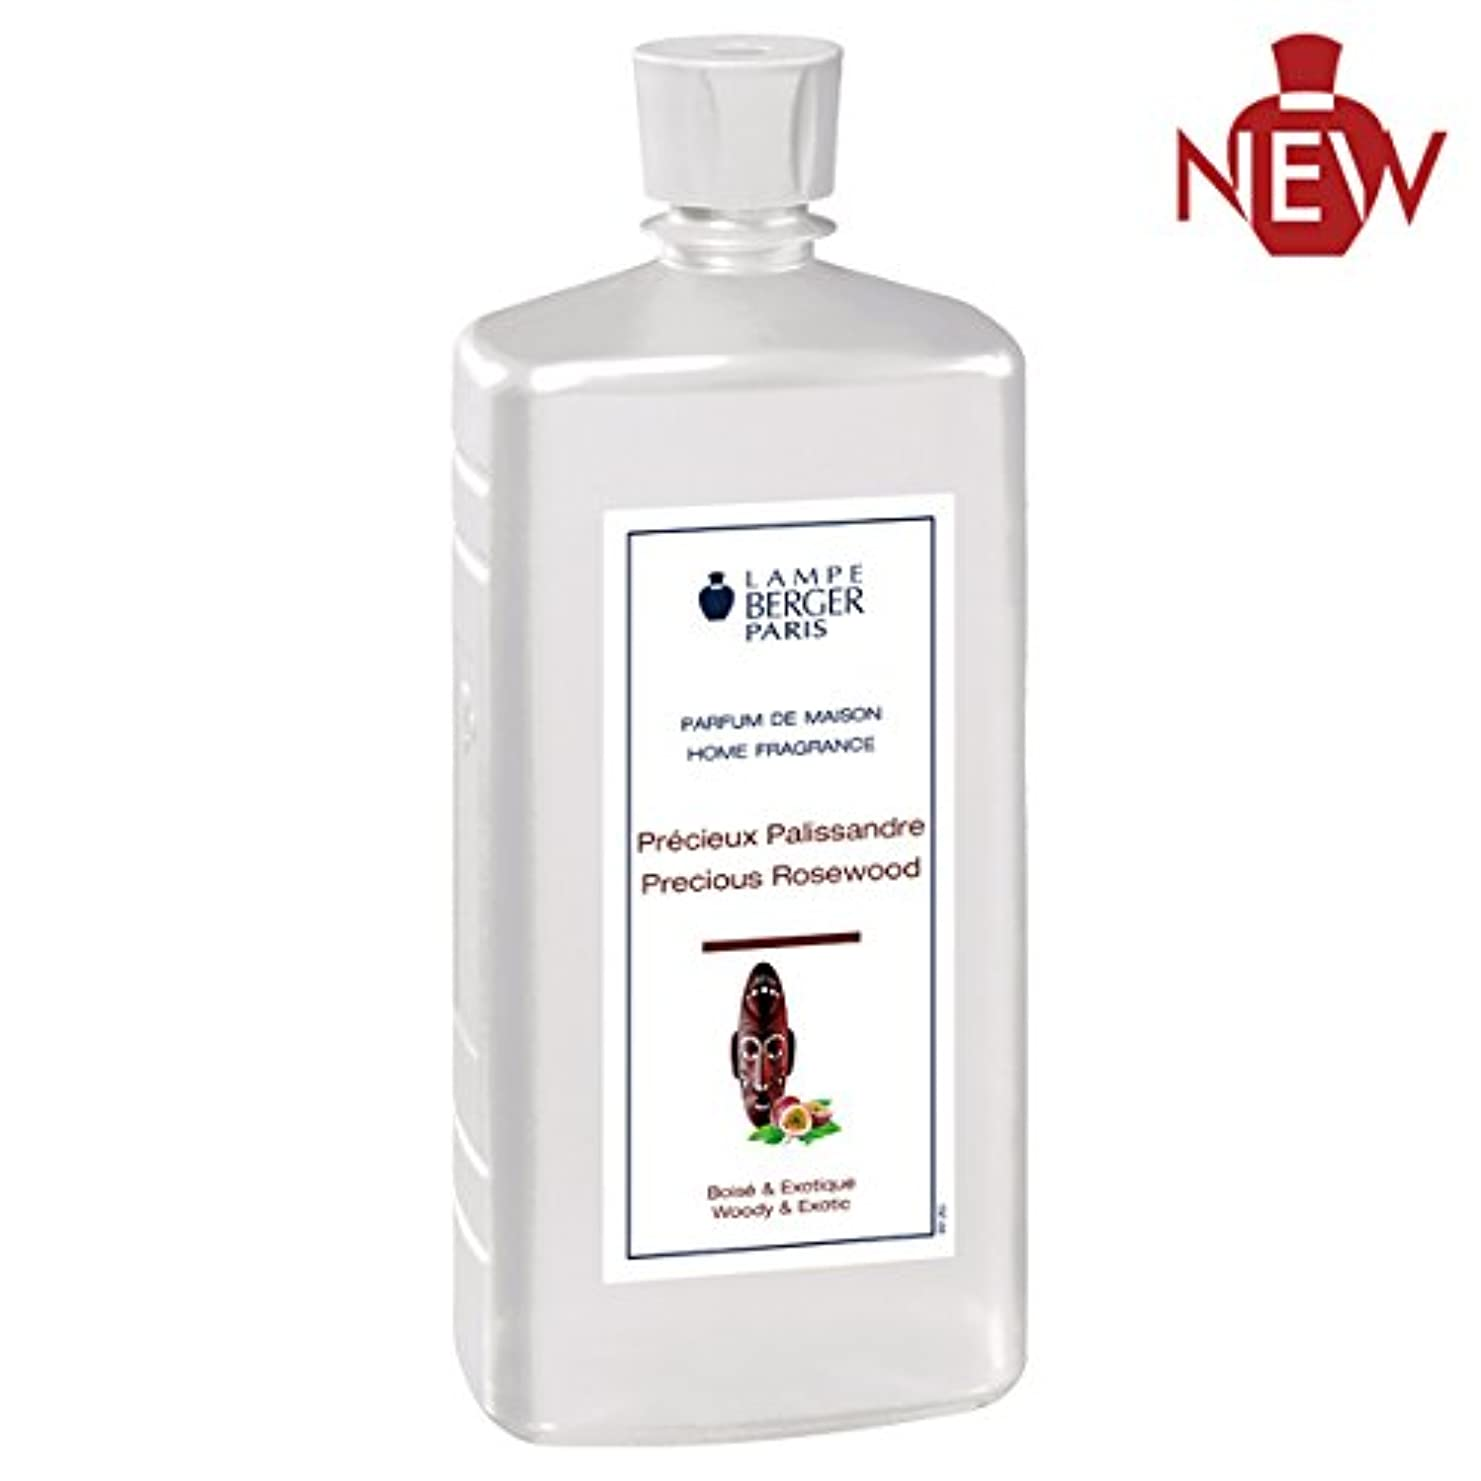 現在昆虫ひそかにランプベルジェパリ直輸入パフュームアロマオイルローズウッド1Lの香り(香水の世界では大変珍しいパリサンダー(アフリカ原産のローズウッド)を繊細に表現した、エキゾチックで力強いフレグランスです。)◆正規輸入品◆Lampe...